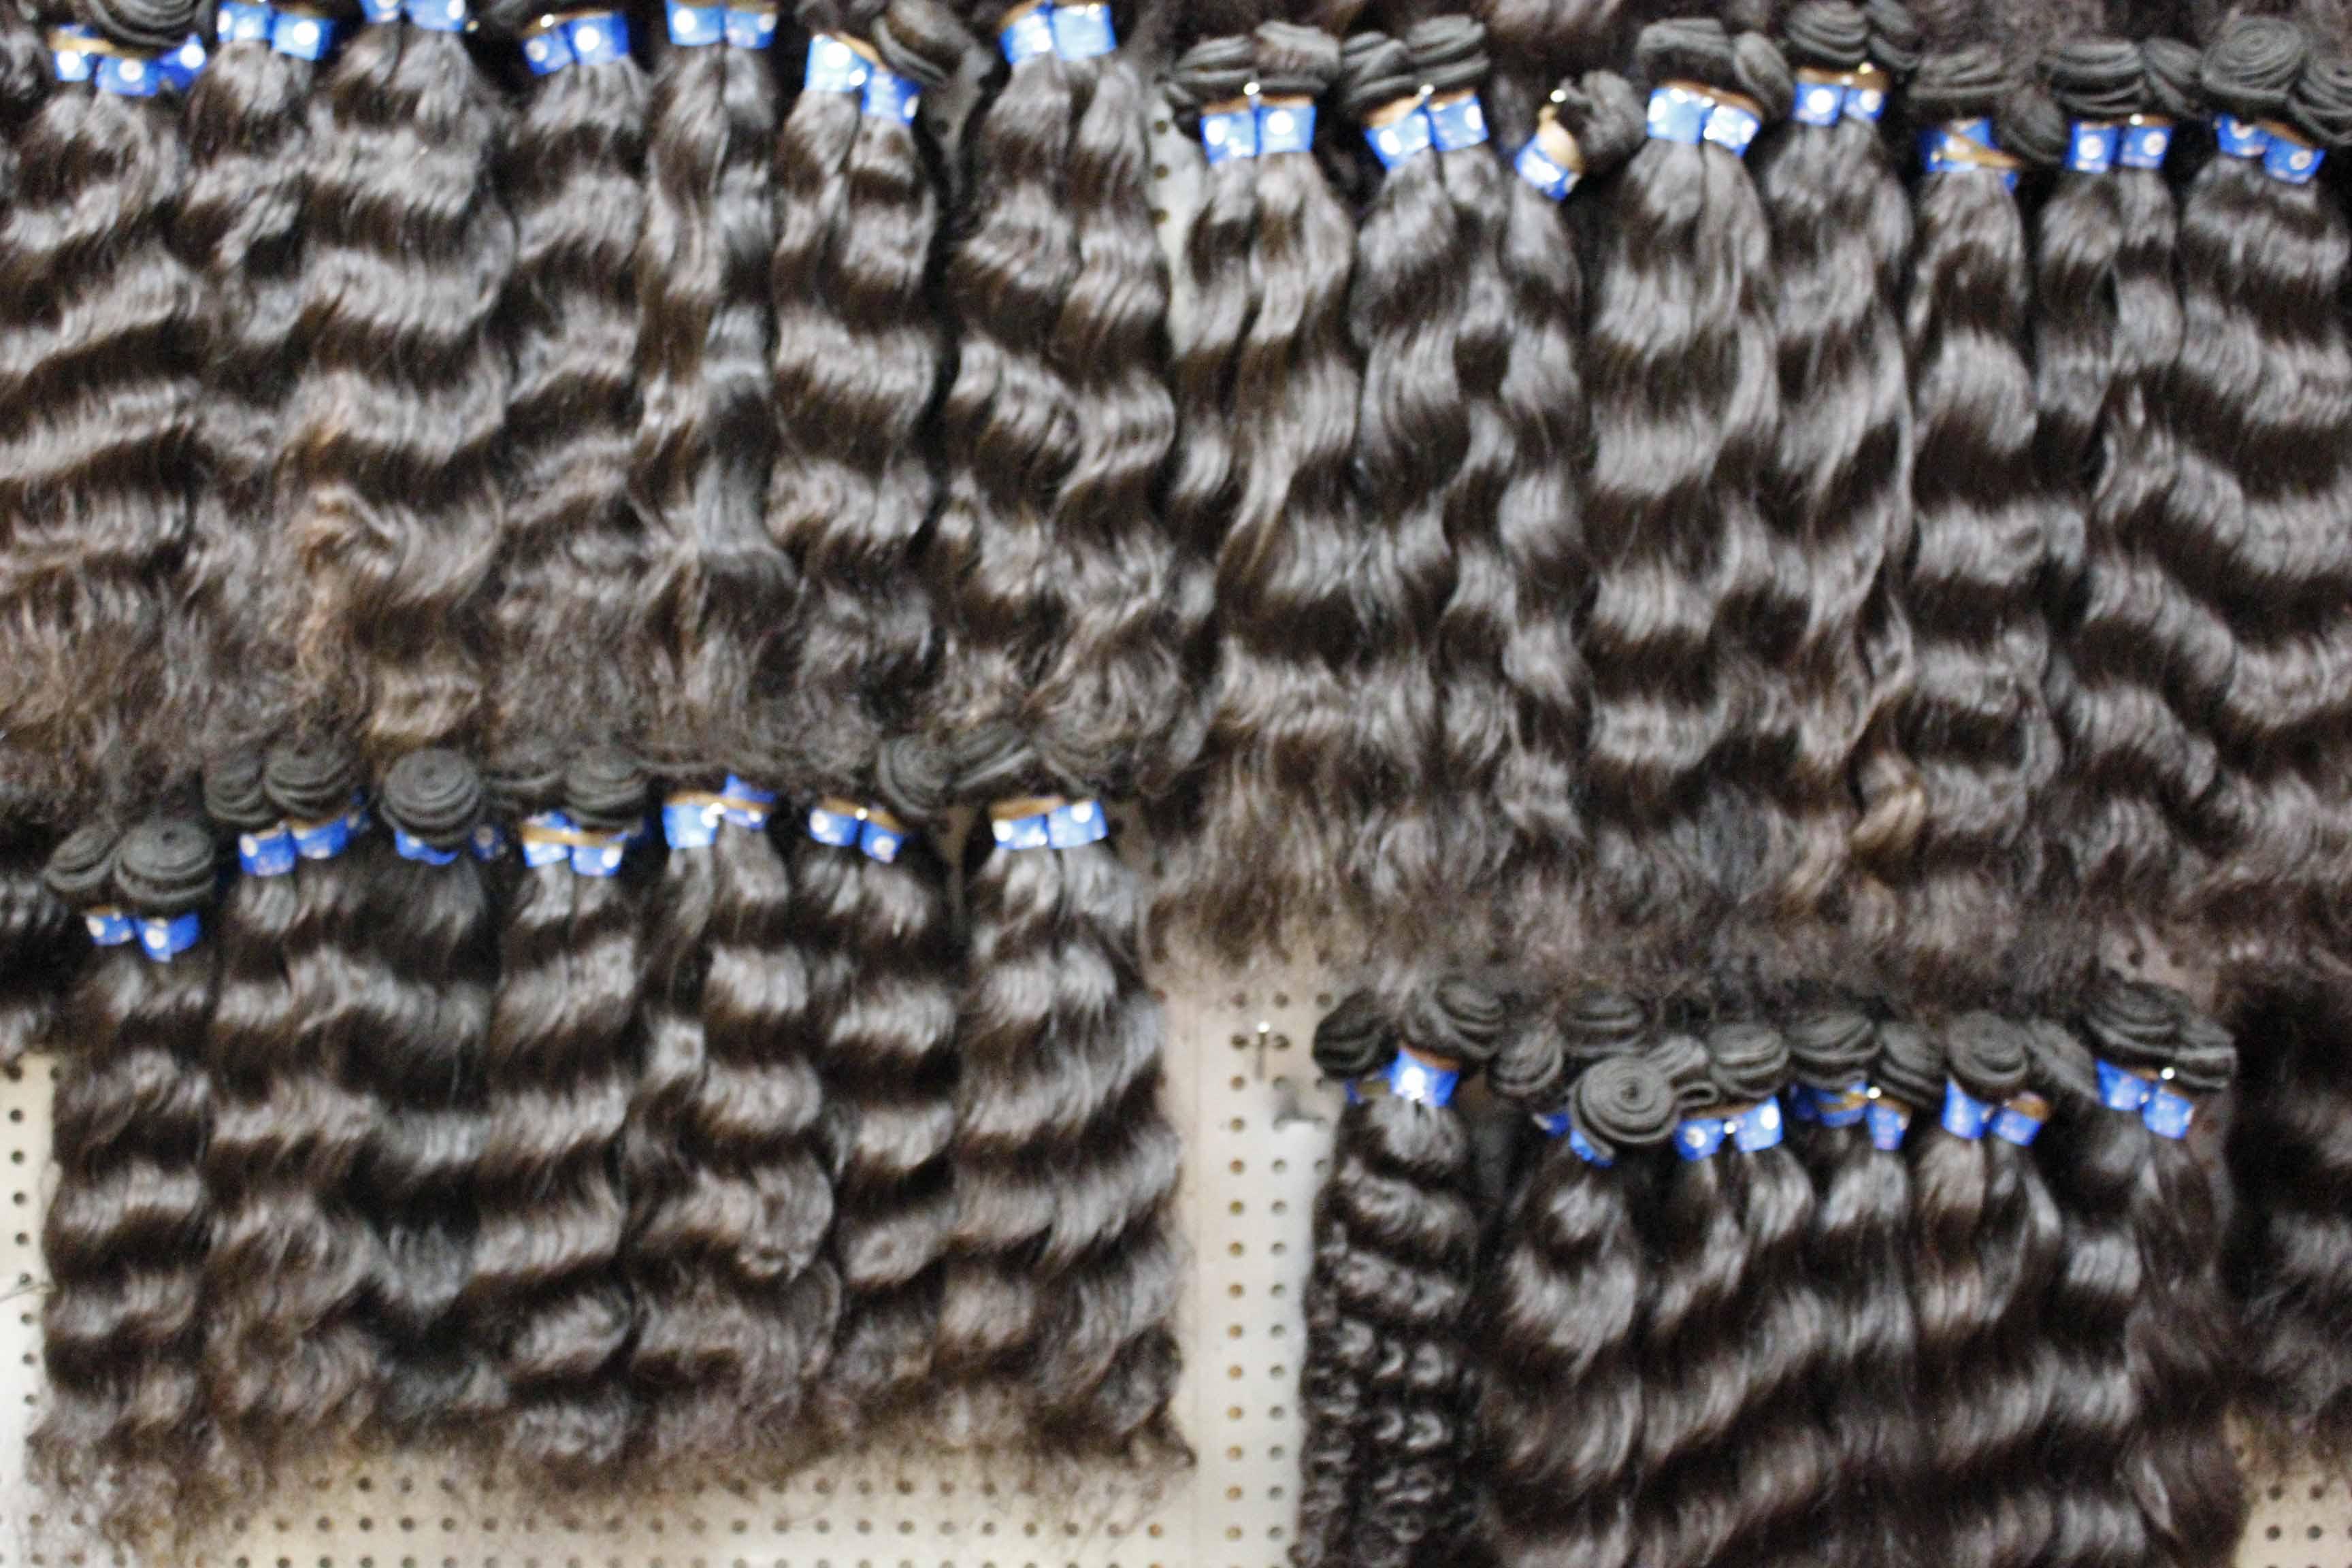 Guangzhou Shine Hair Coltd Human Hair Wigs Hair Extension